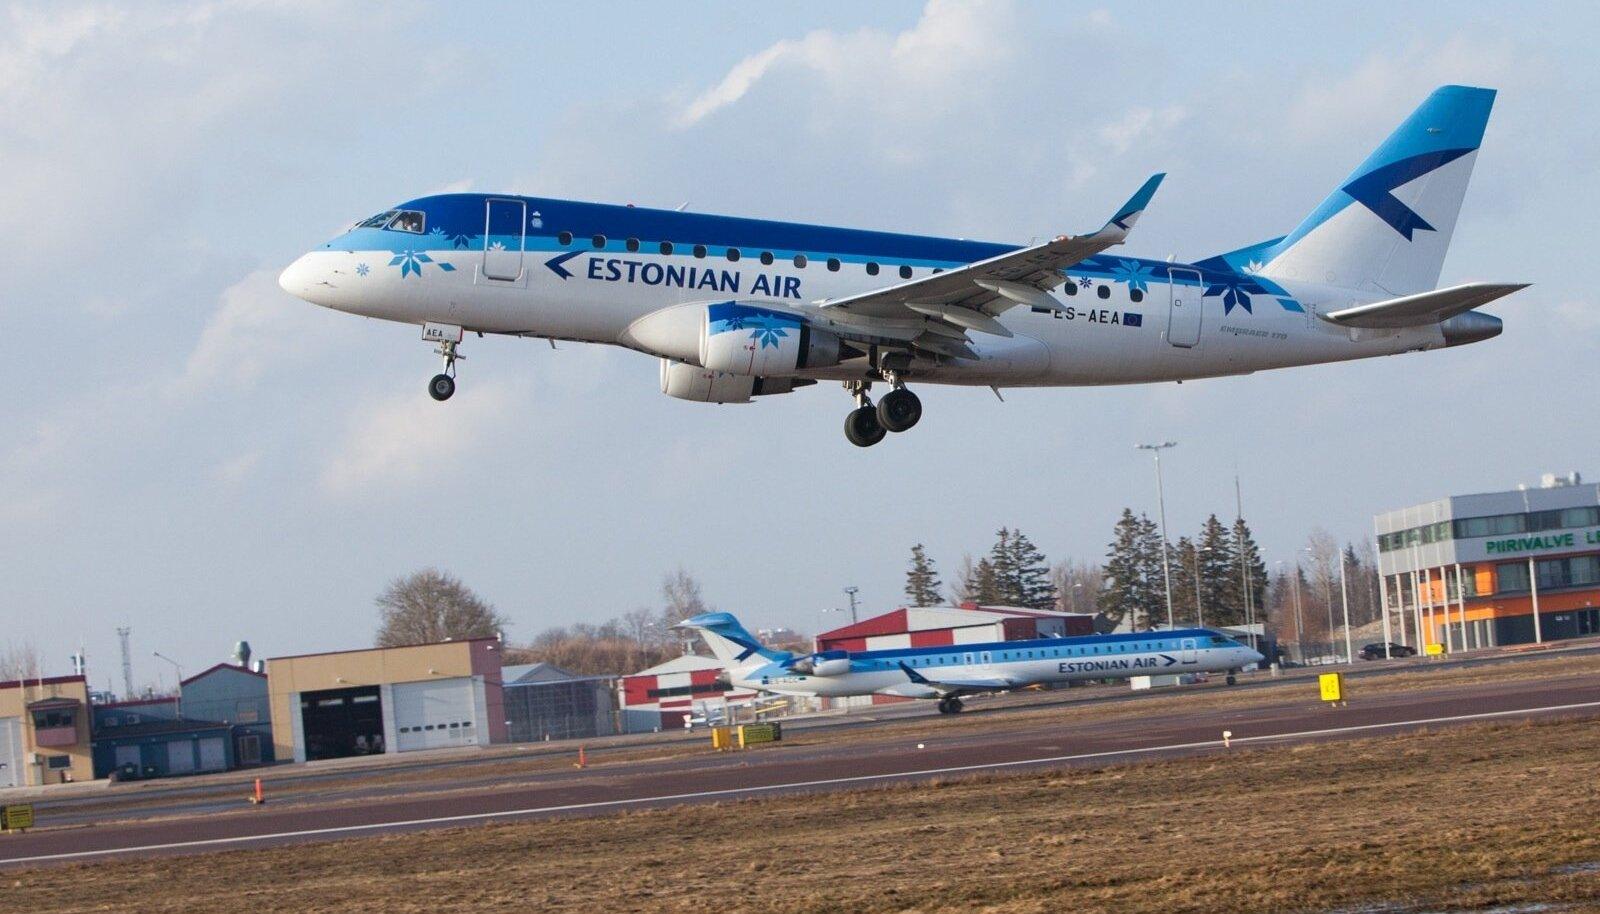 Estonian Airi sinilinnud Tallinna lennujaamas